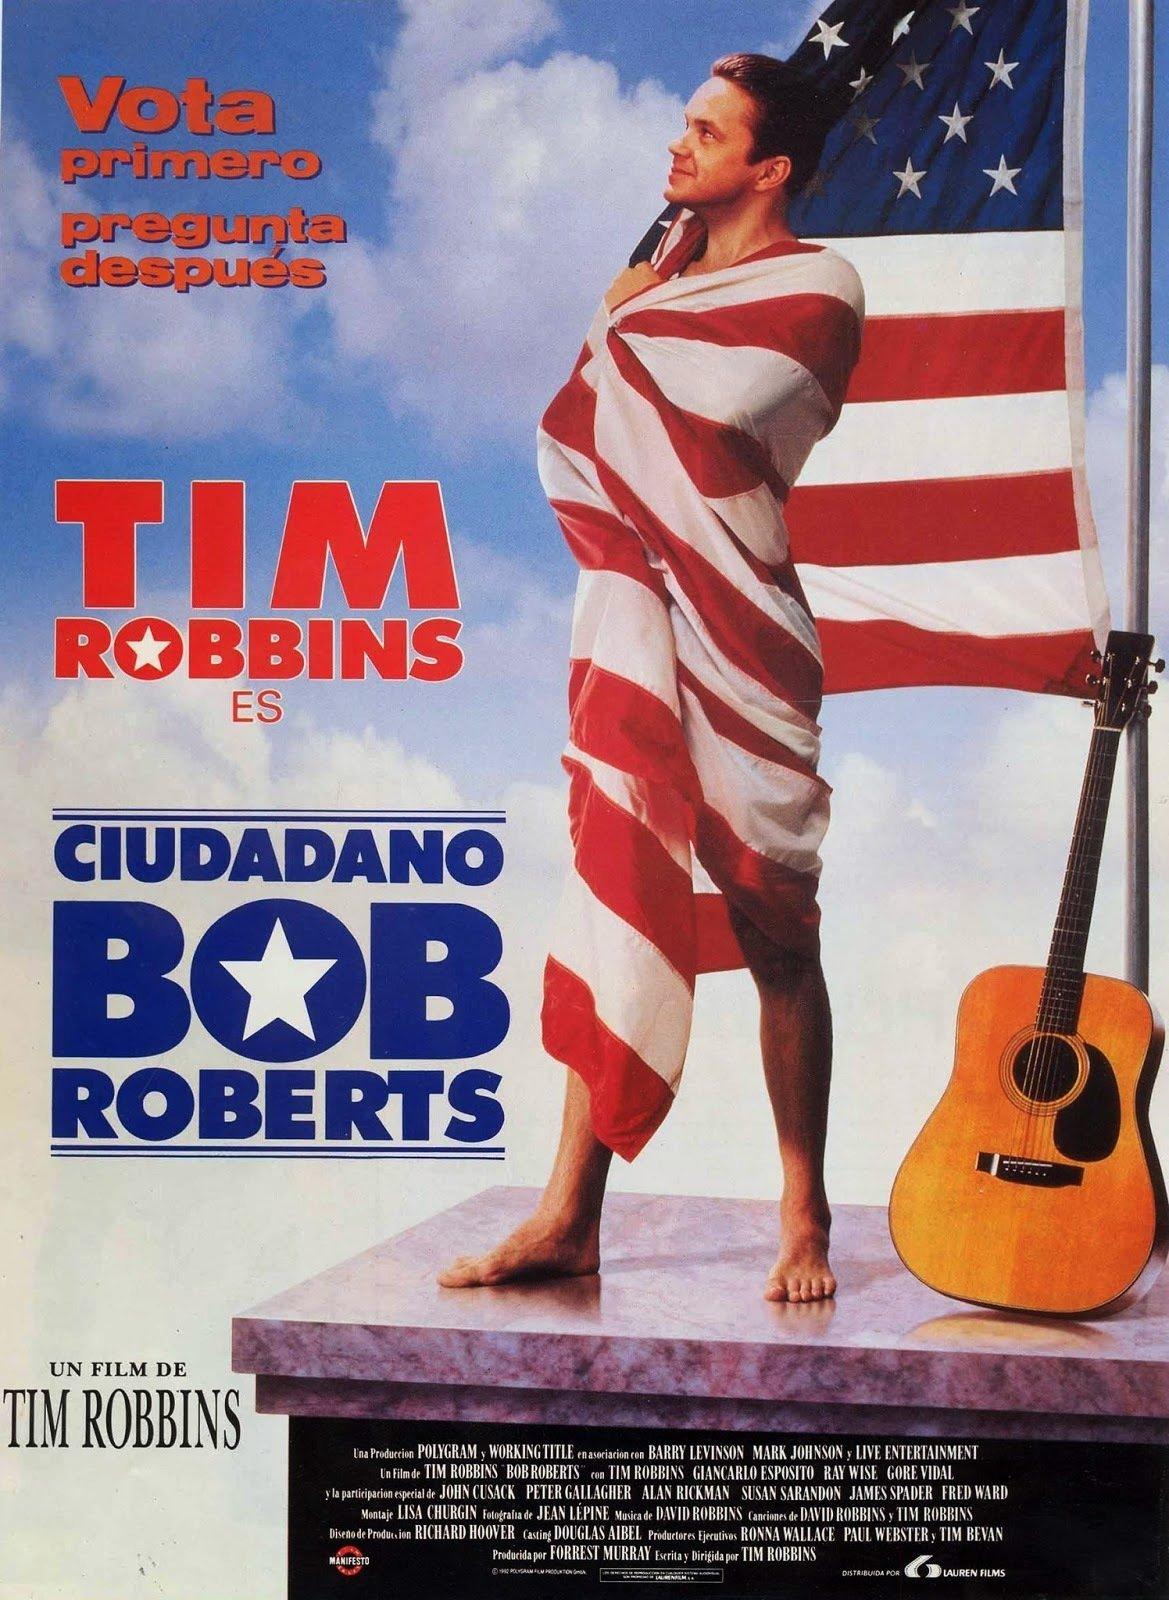 ბობ რობერტსი Bob Roberts